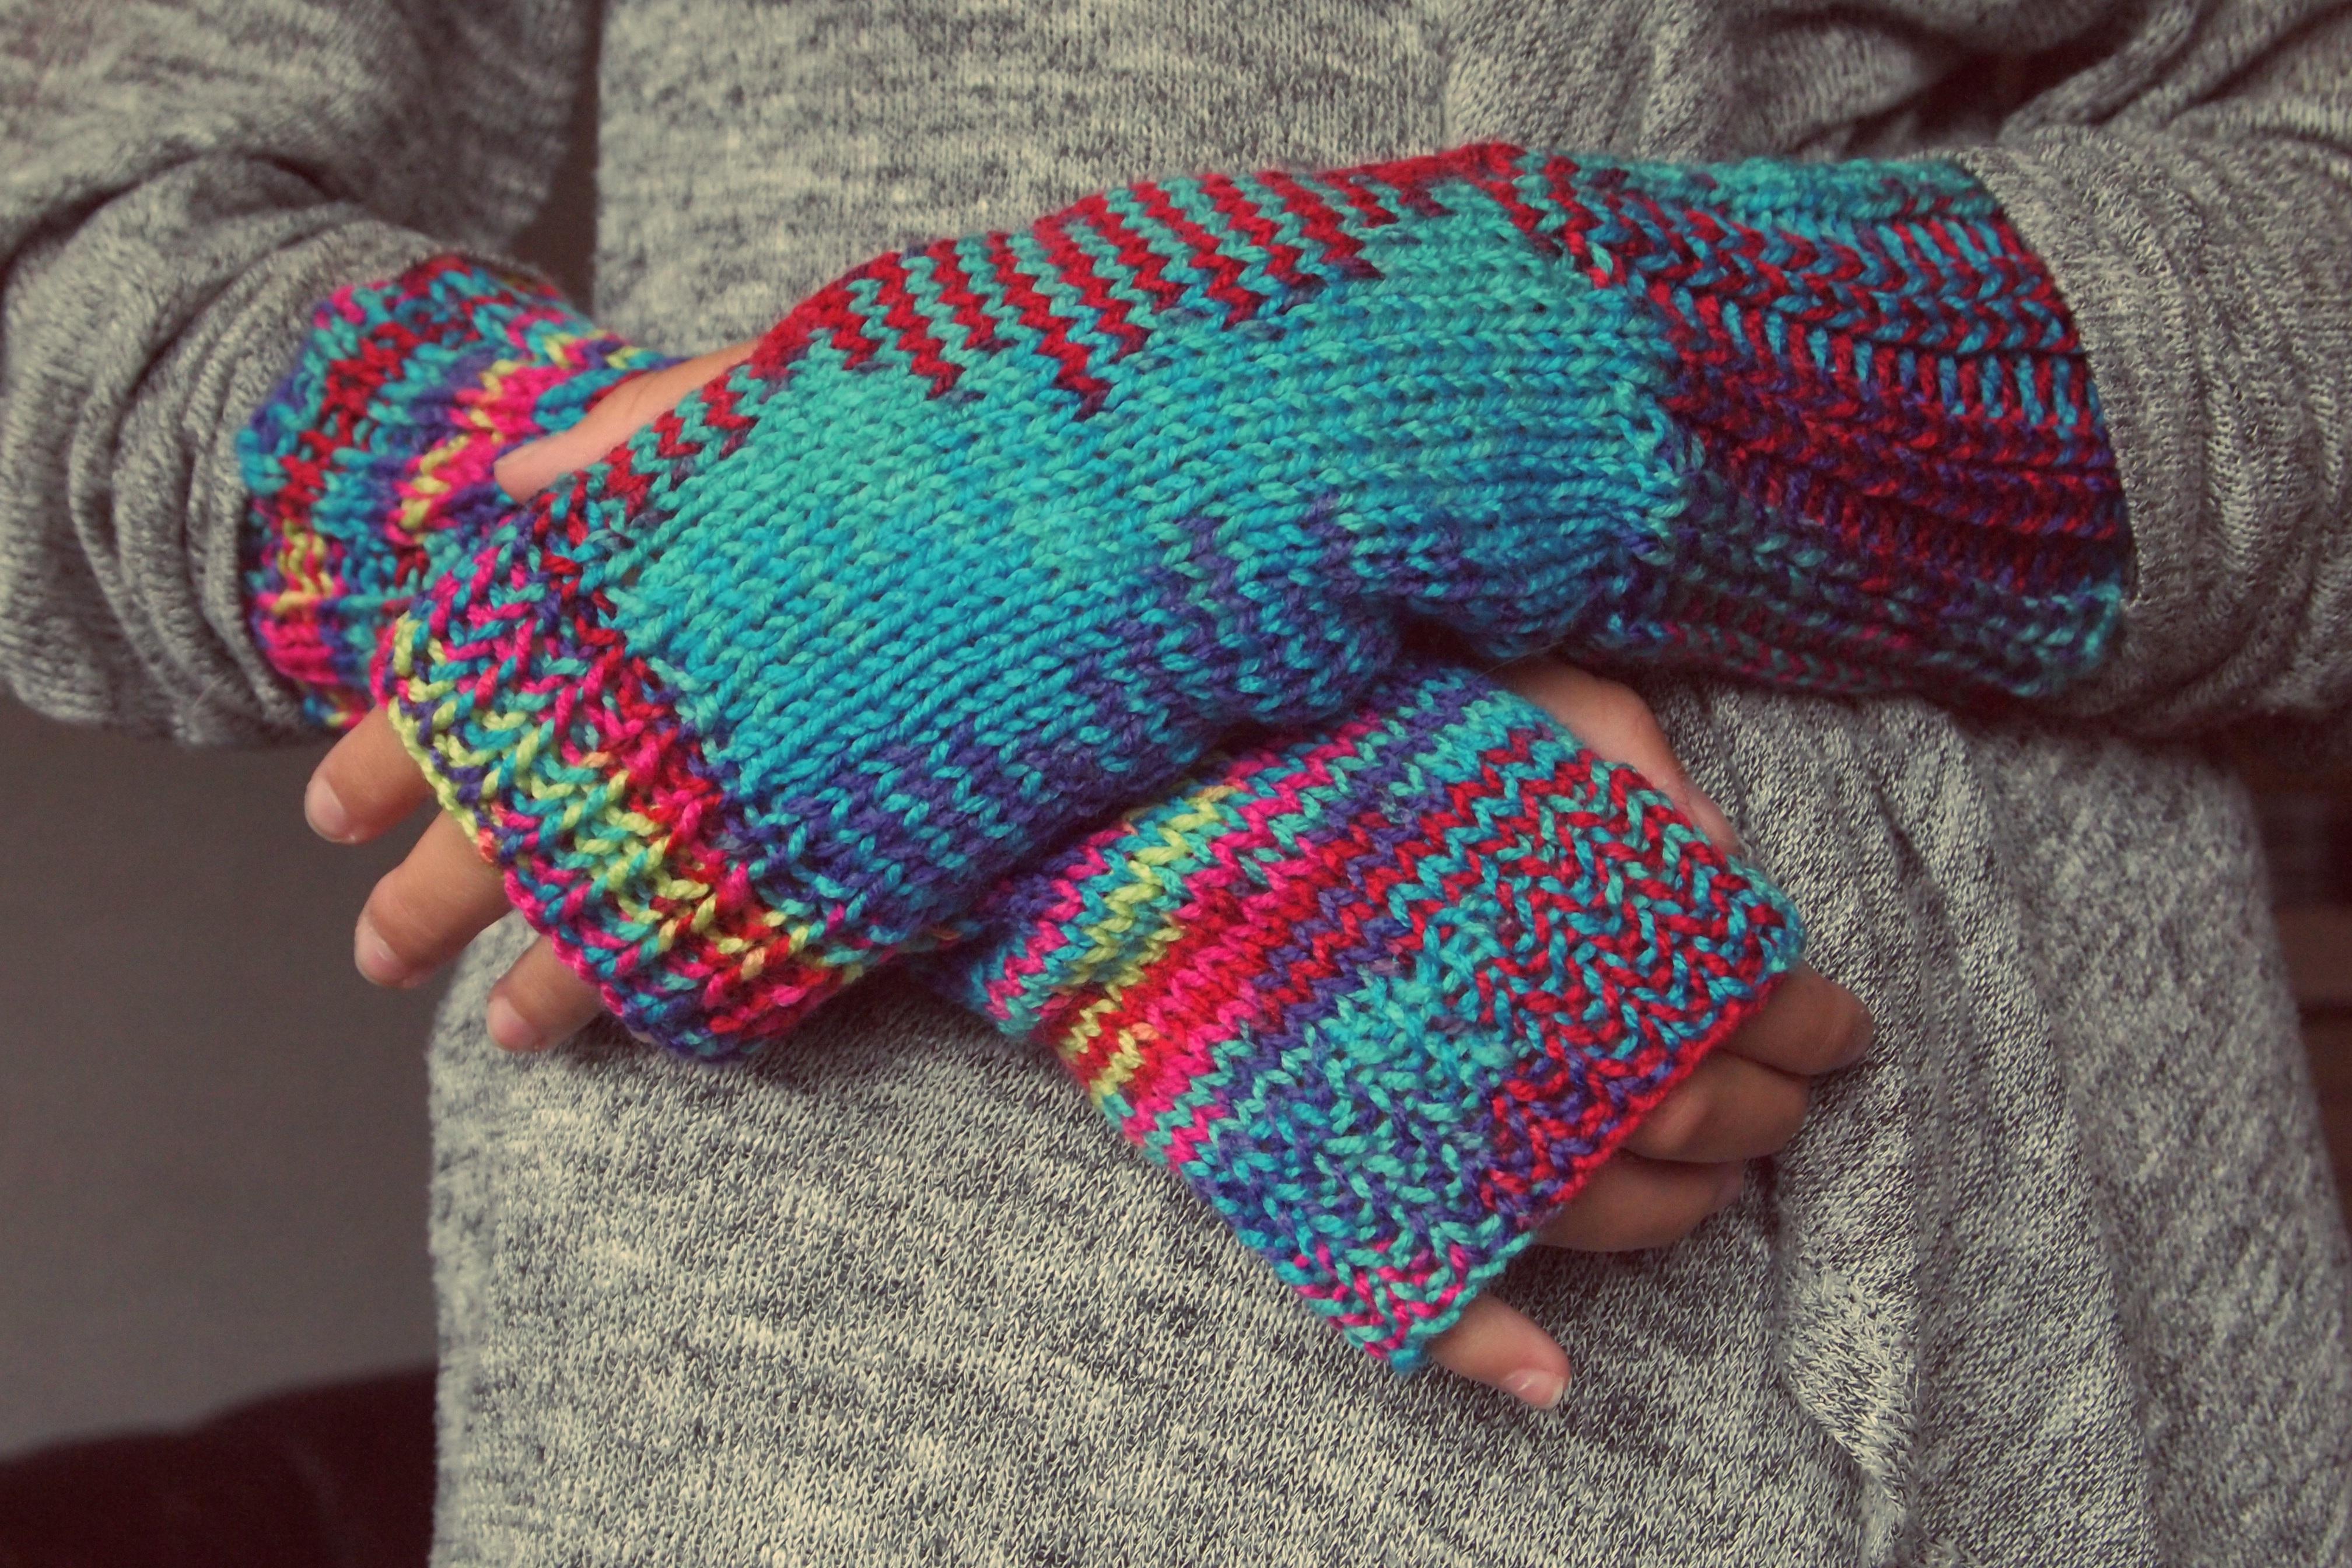 Fotos gratis : patrón, vistoso, color, azul, lana, suéter, hilo ...